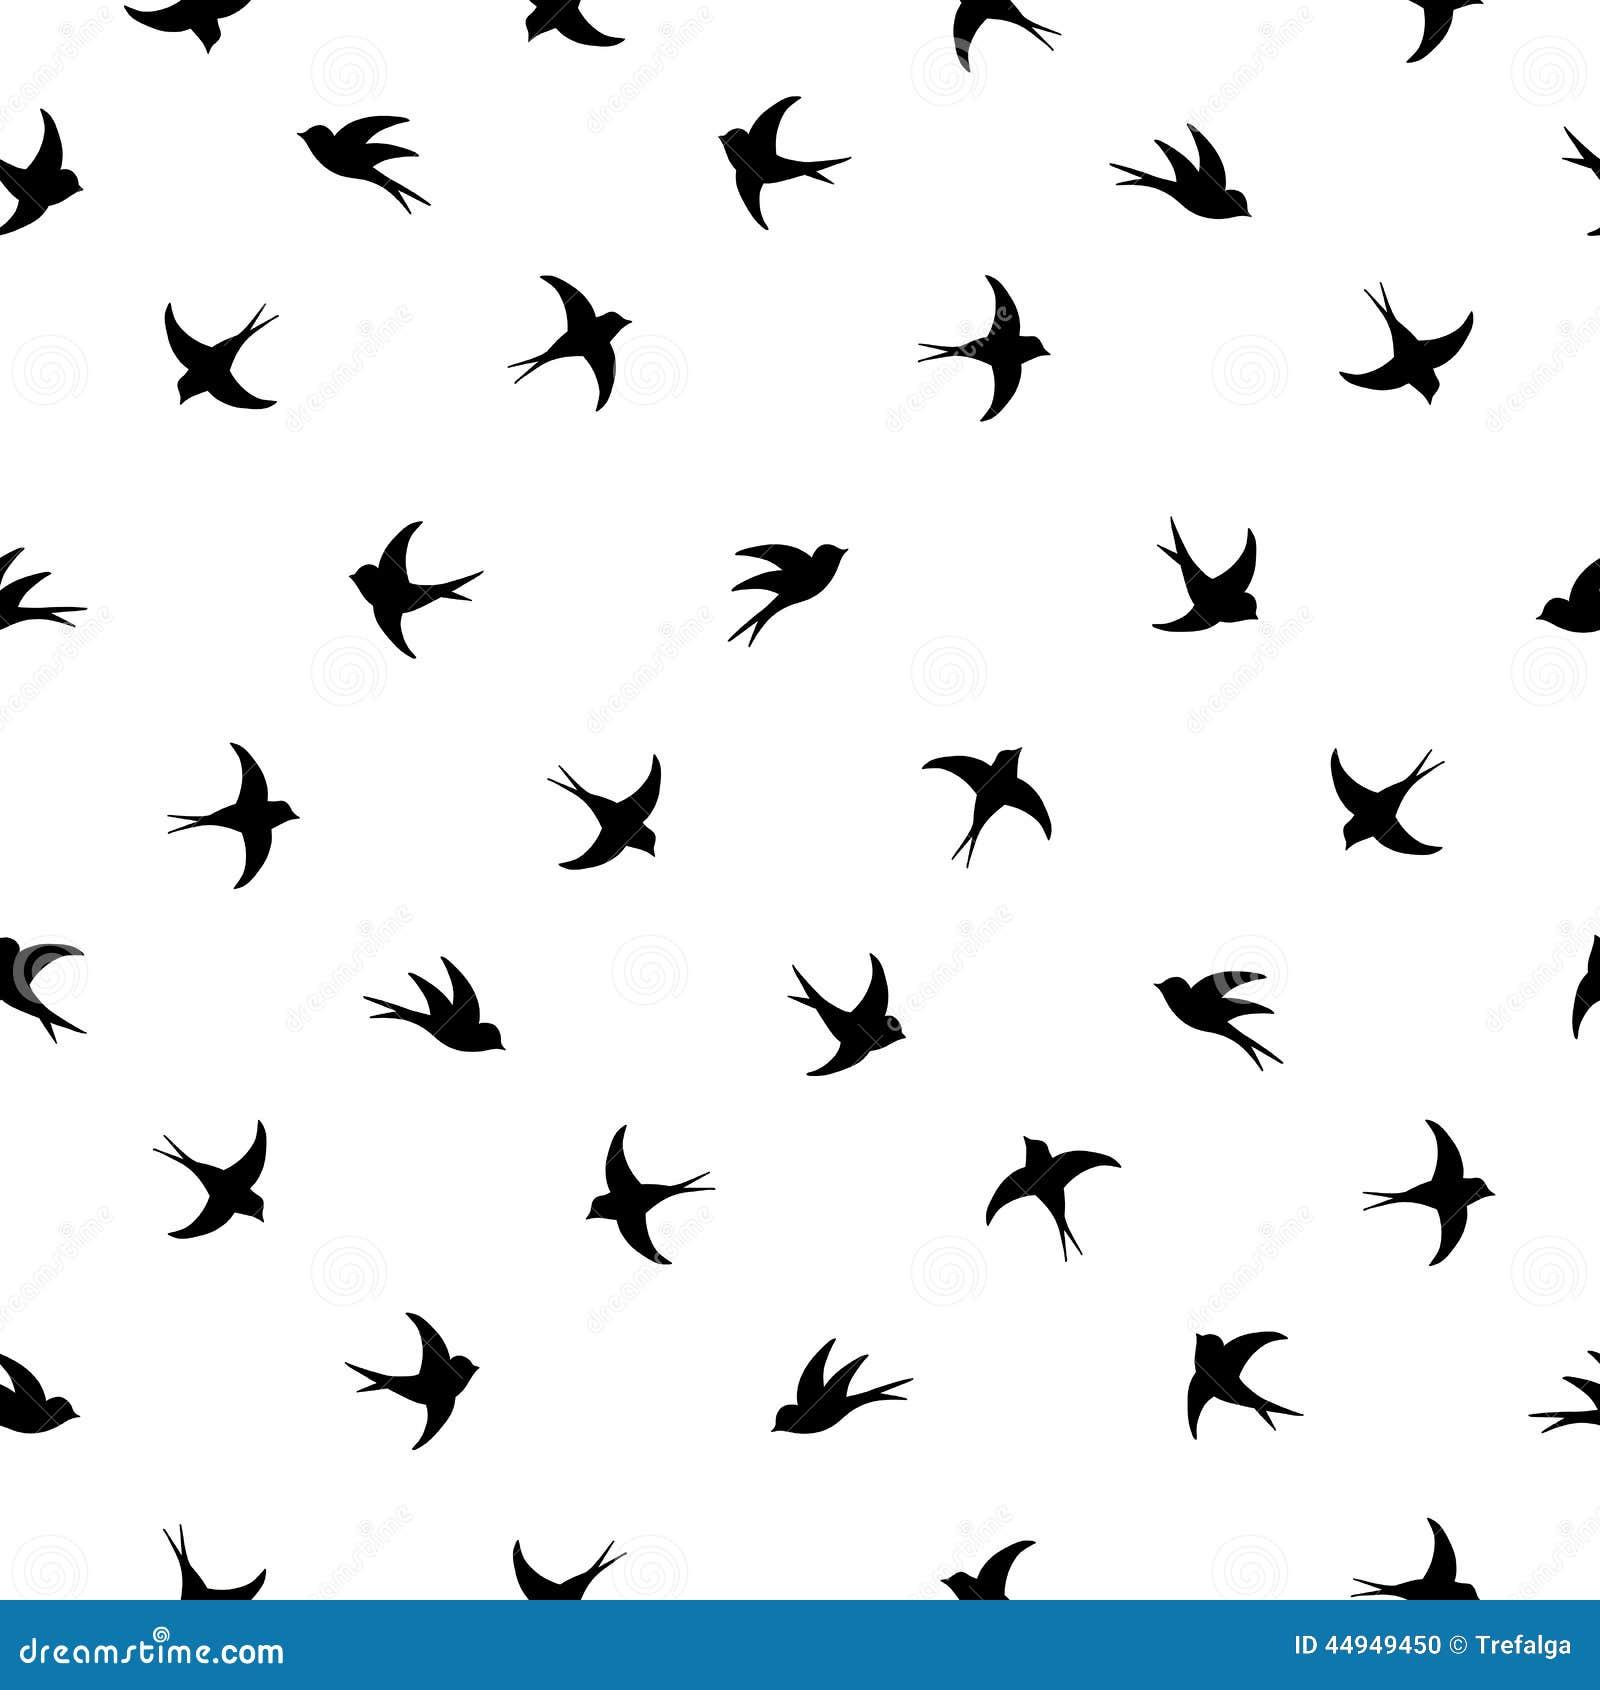 Stock Illustration Flying Birds Silhouette Pattern Black White Image44...